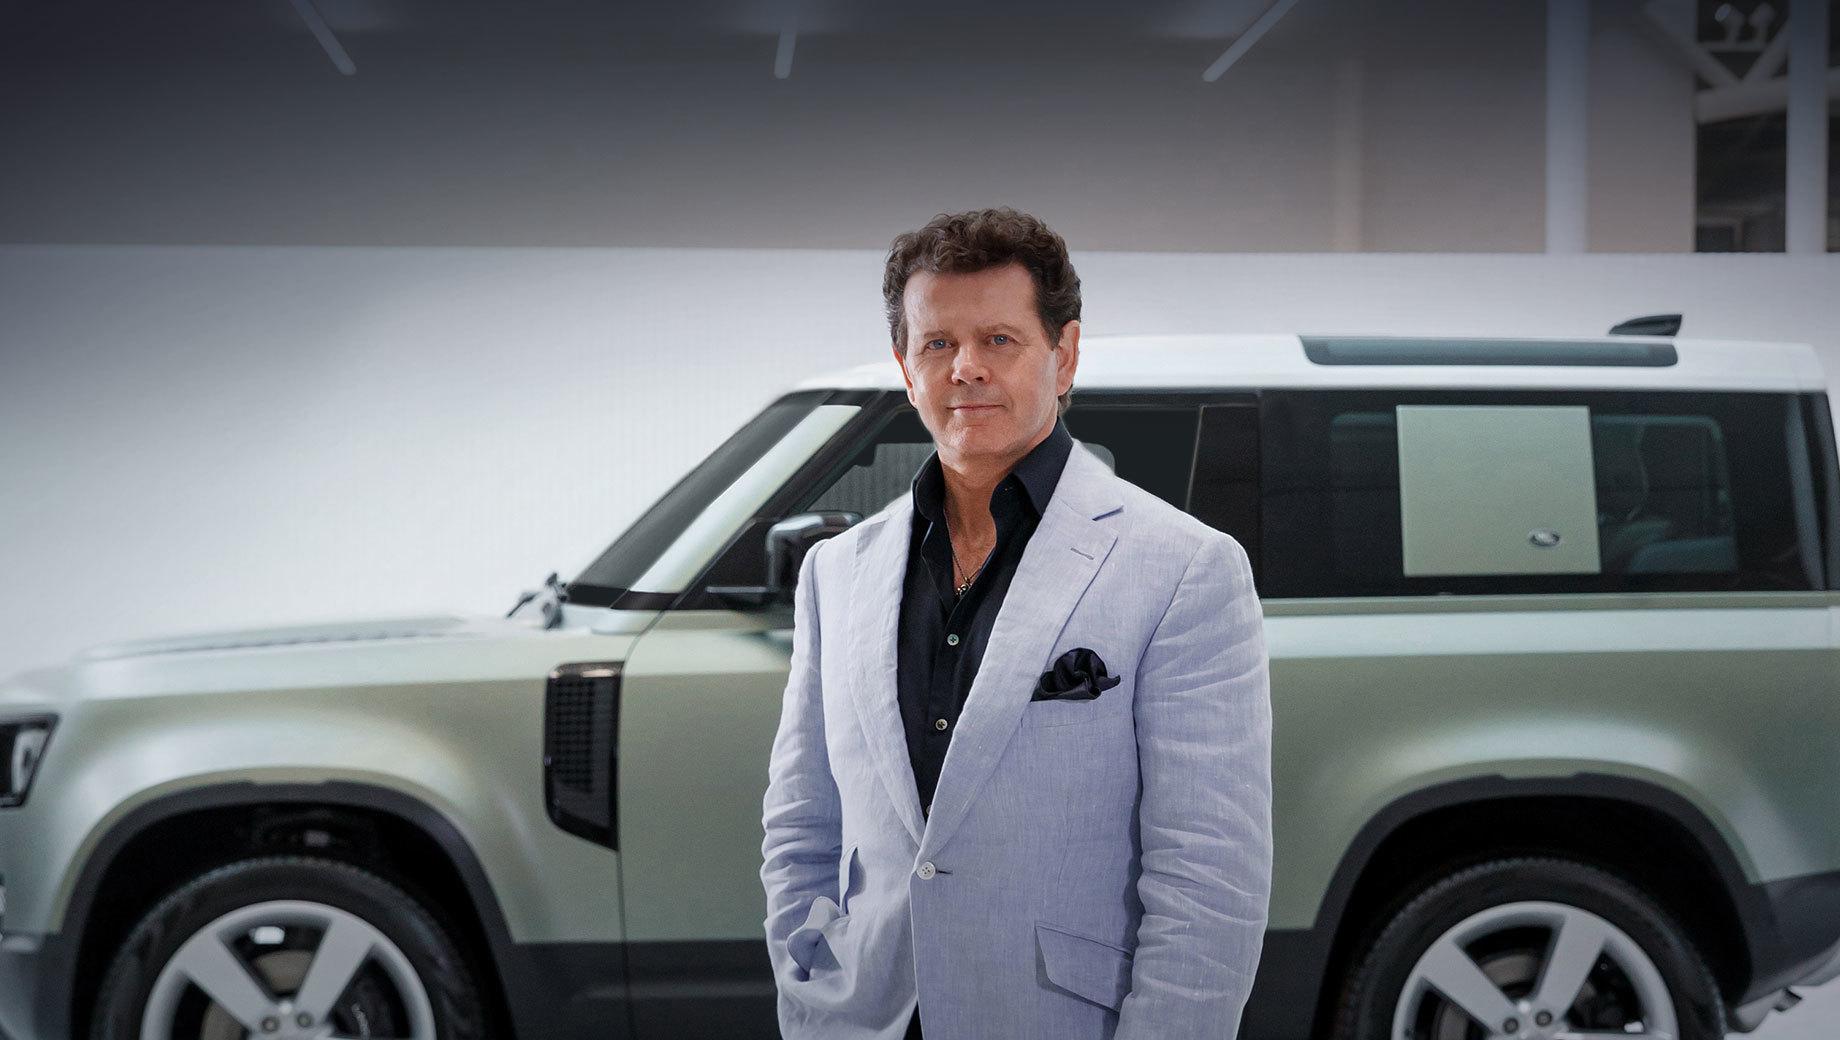 Land rover defender. После университета Ковентри и Королевского колледжа искусств в Лондоне Джерри Макговерн начал карьеру в компании Chrysler, потом перешёл в Peugeot, а затем присоединился к Rover Group. Сделав перерыв на Ford и Lincoln, дизайнер вернулся в Land Rover в 2004 году и больше его не покидал.